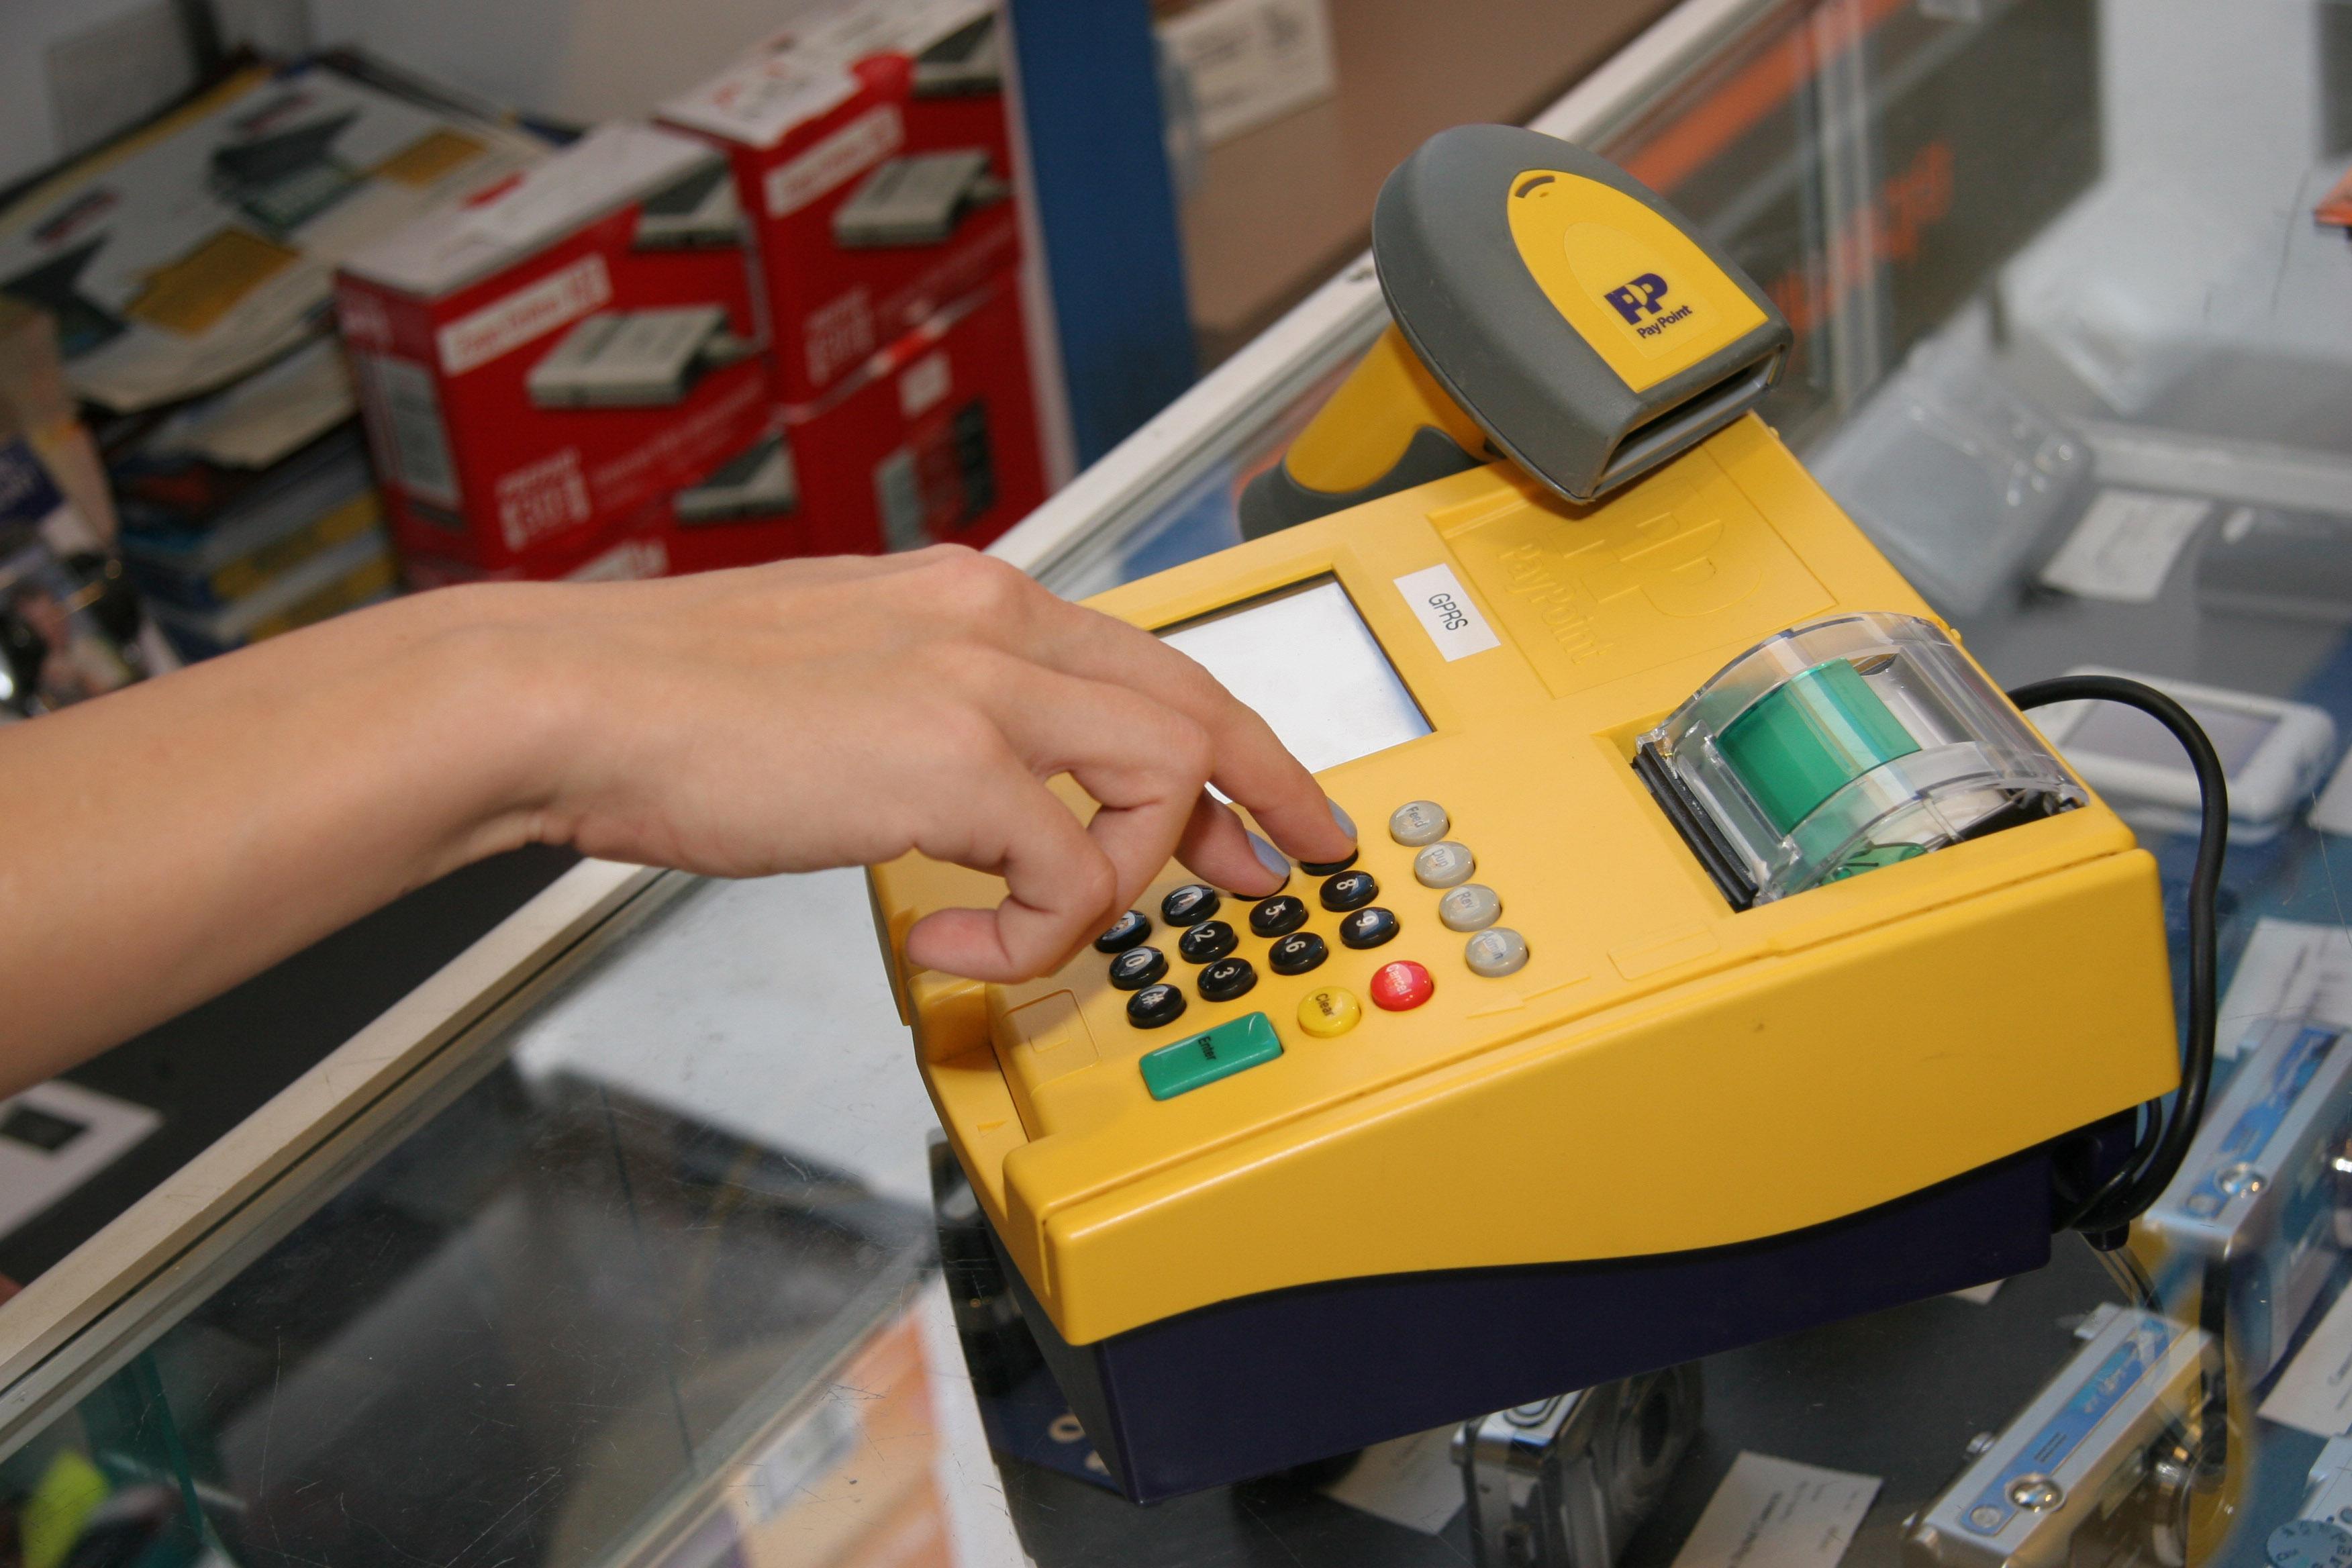 Clienţii UNIQA Asigurări îşi pot achita poliţele prin terminalele PayPoint